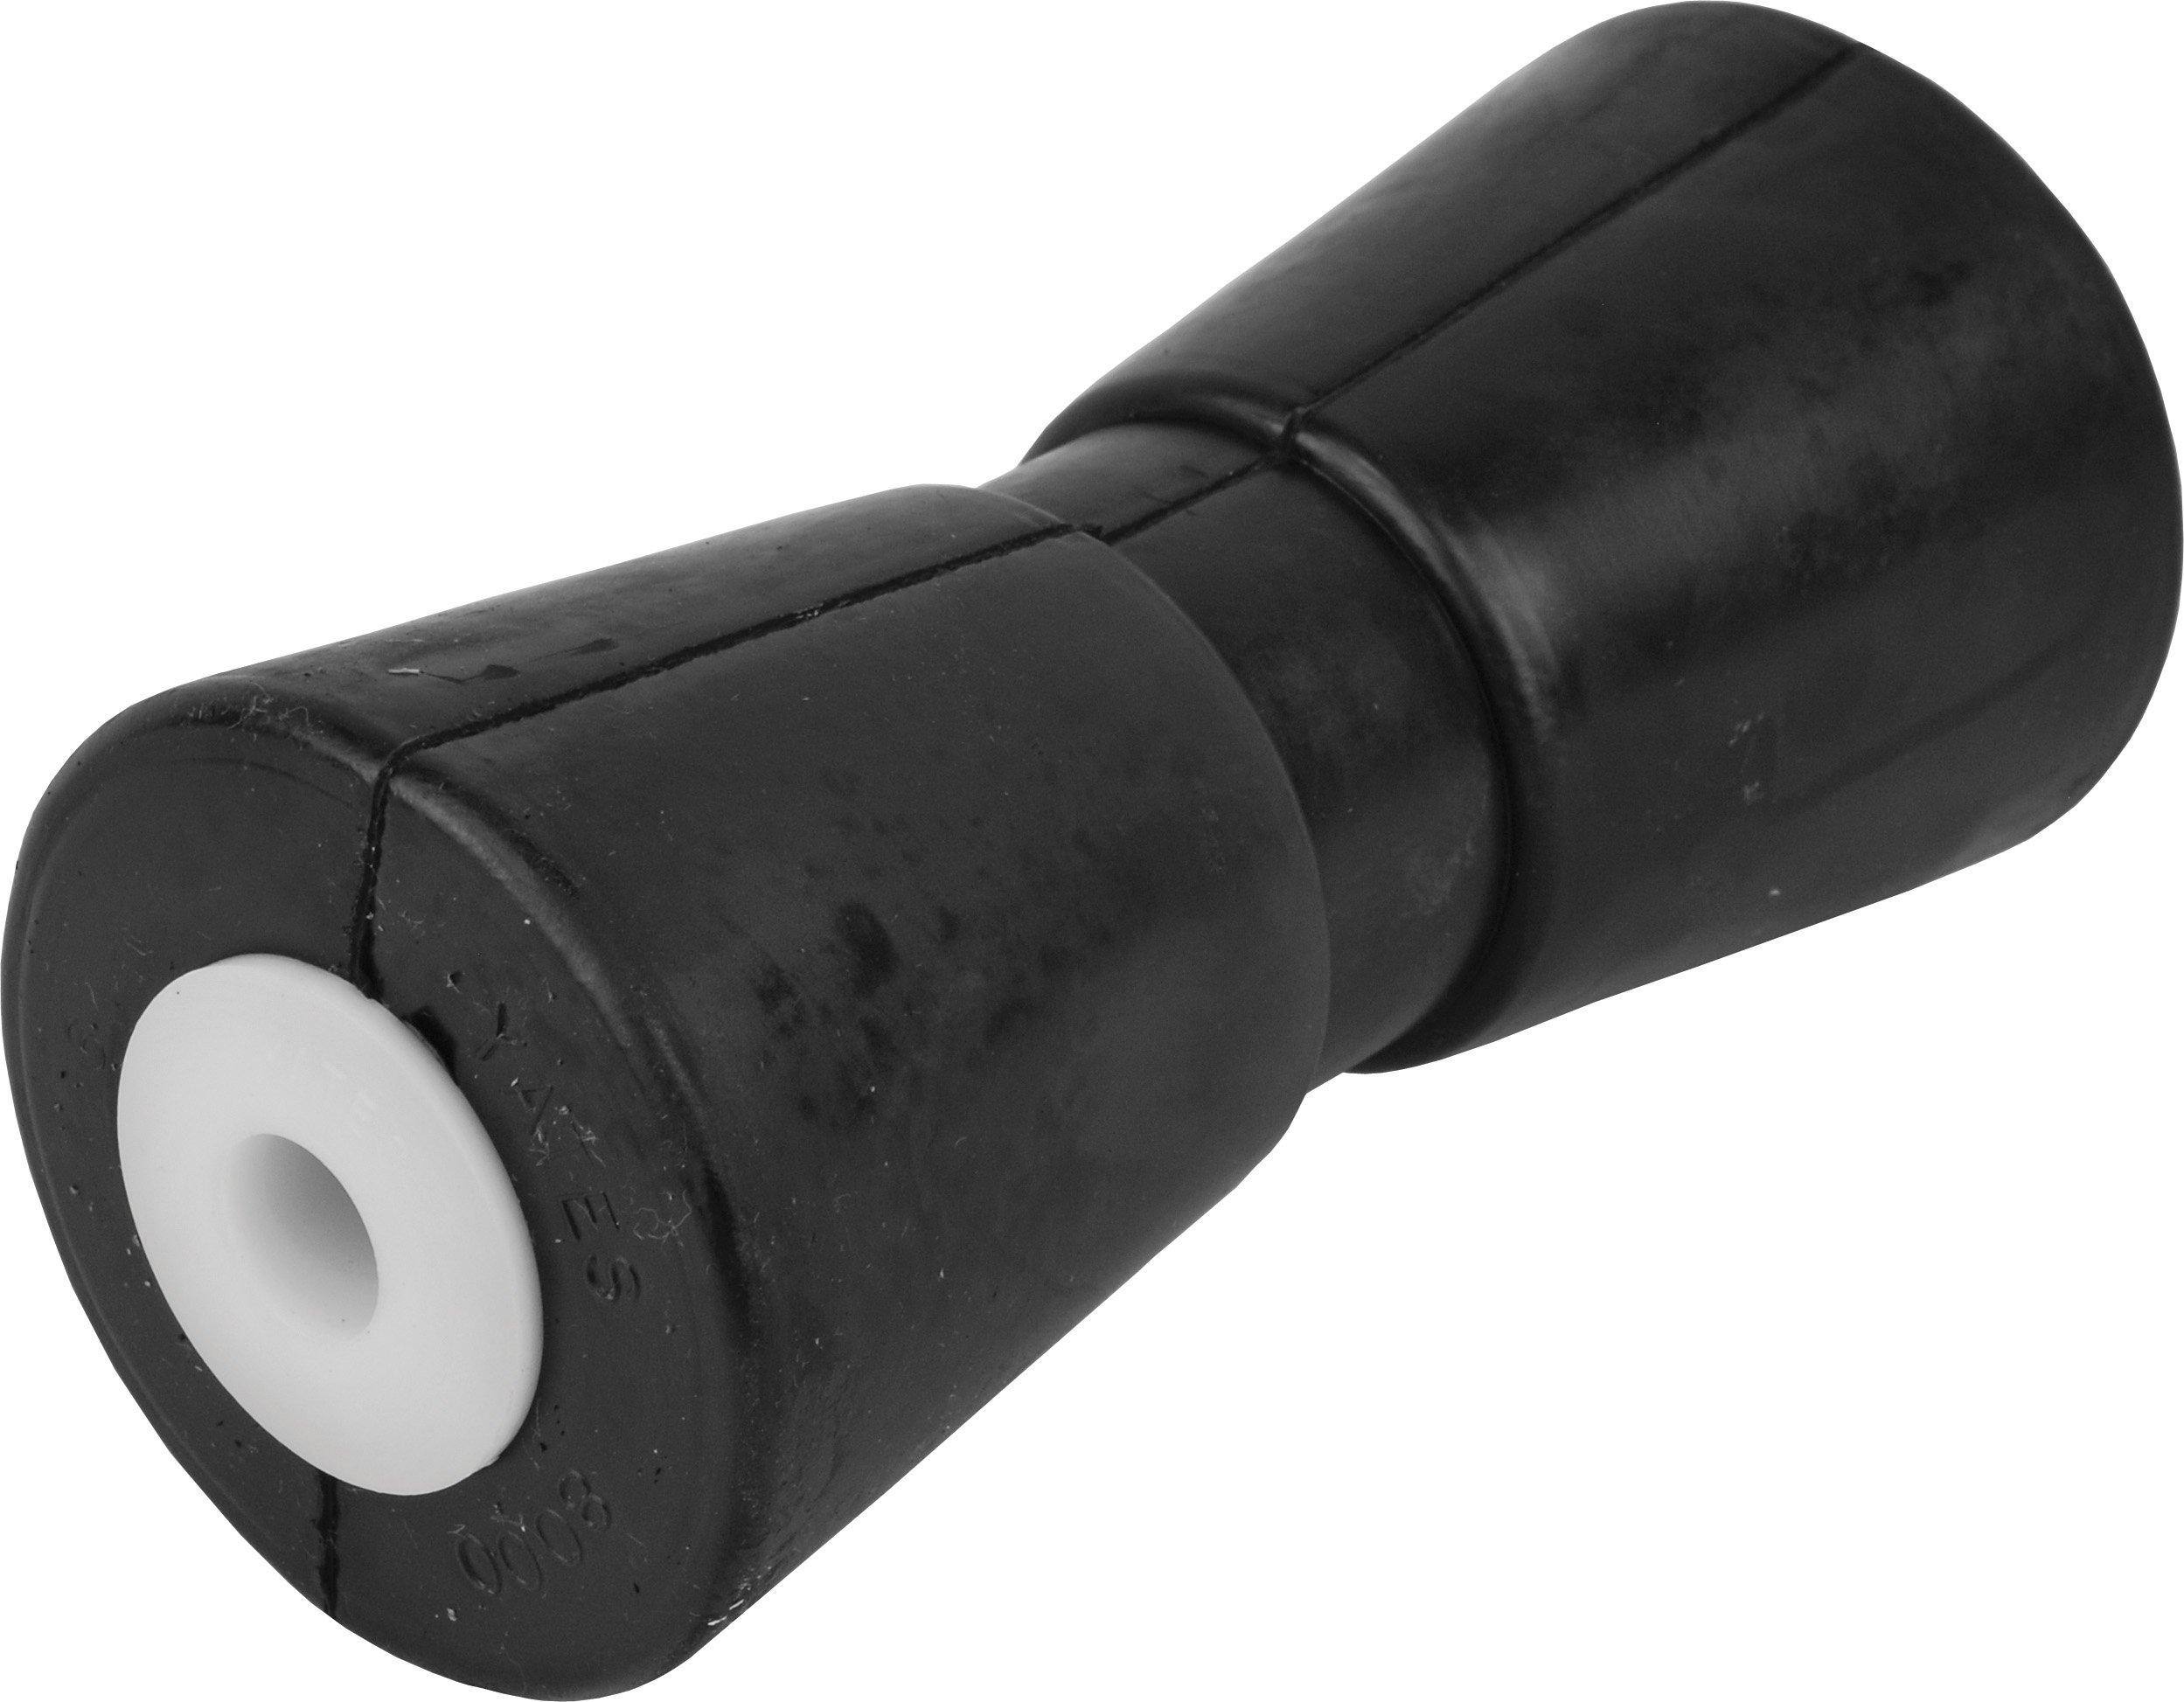 attwood Heavy-Duty Rubber Keel Roller, 10'' x 5/8'' Shaft